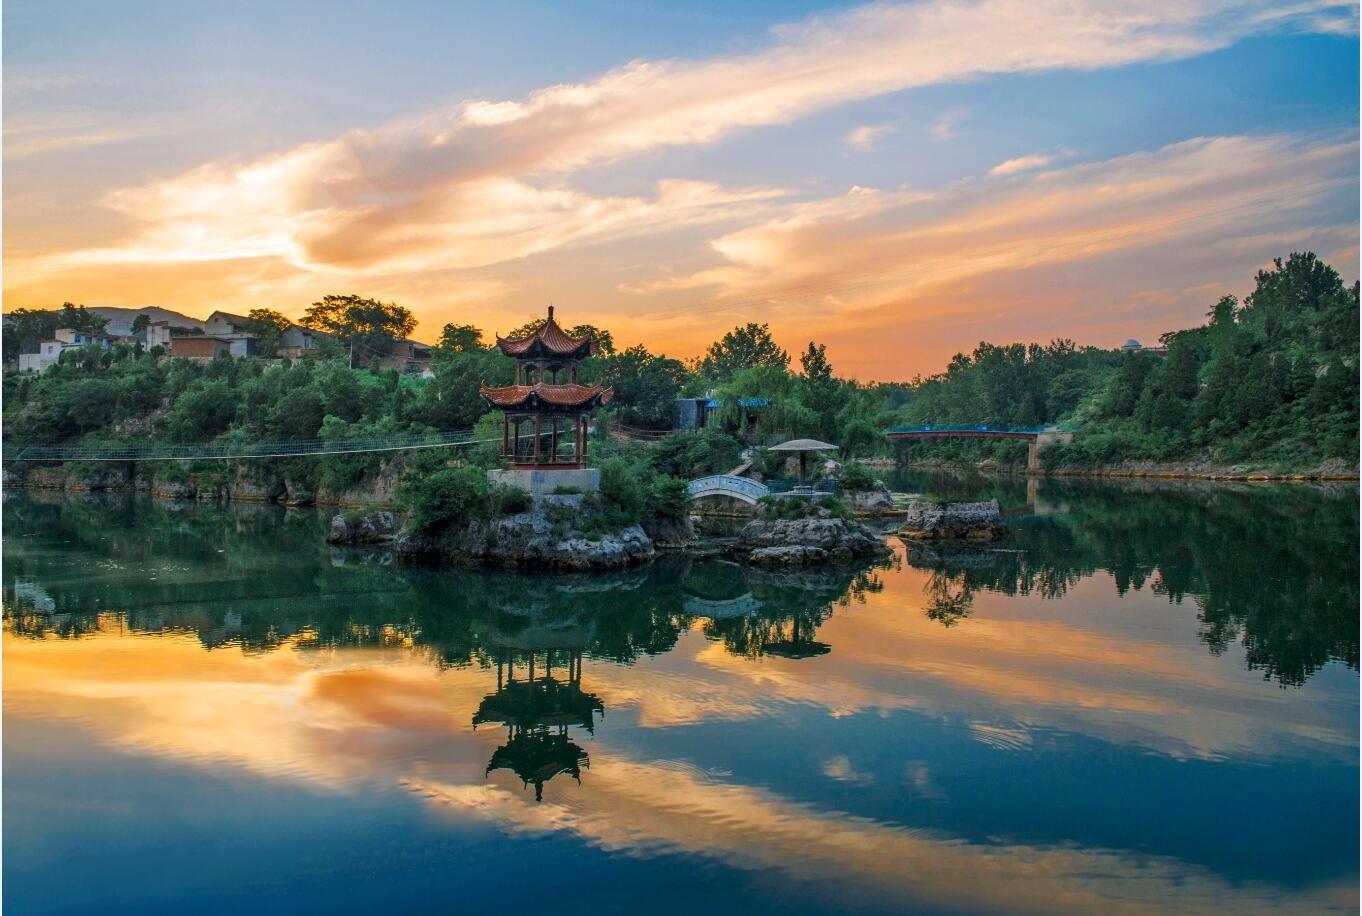 山温水软的万泉湖风景区位于林州市南部,毗连临淇,桂林,五龙,东姚四